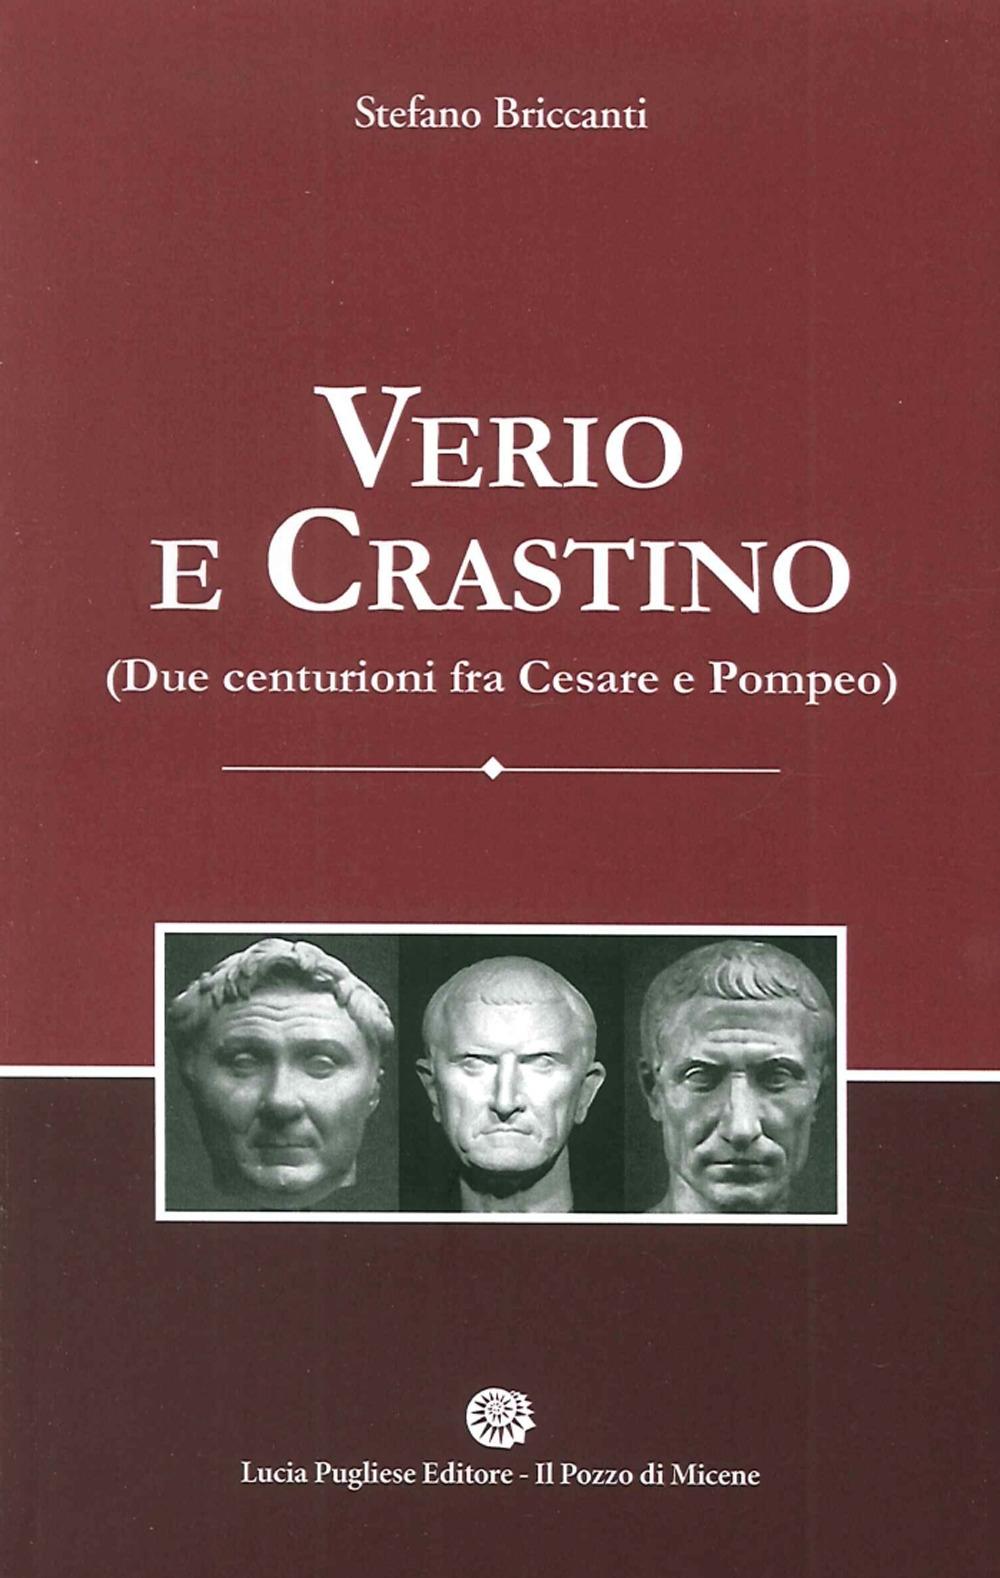 Verio e Crastino (Due Centurioni fra Cesare e Pompeo)